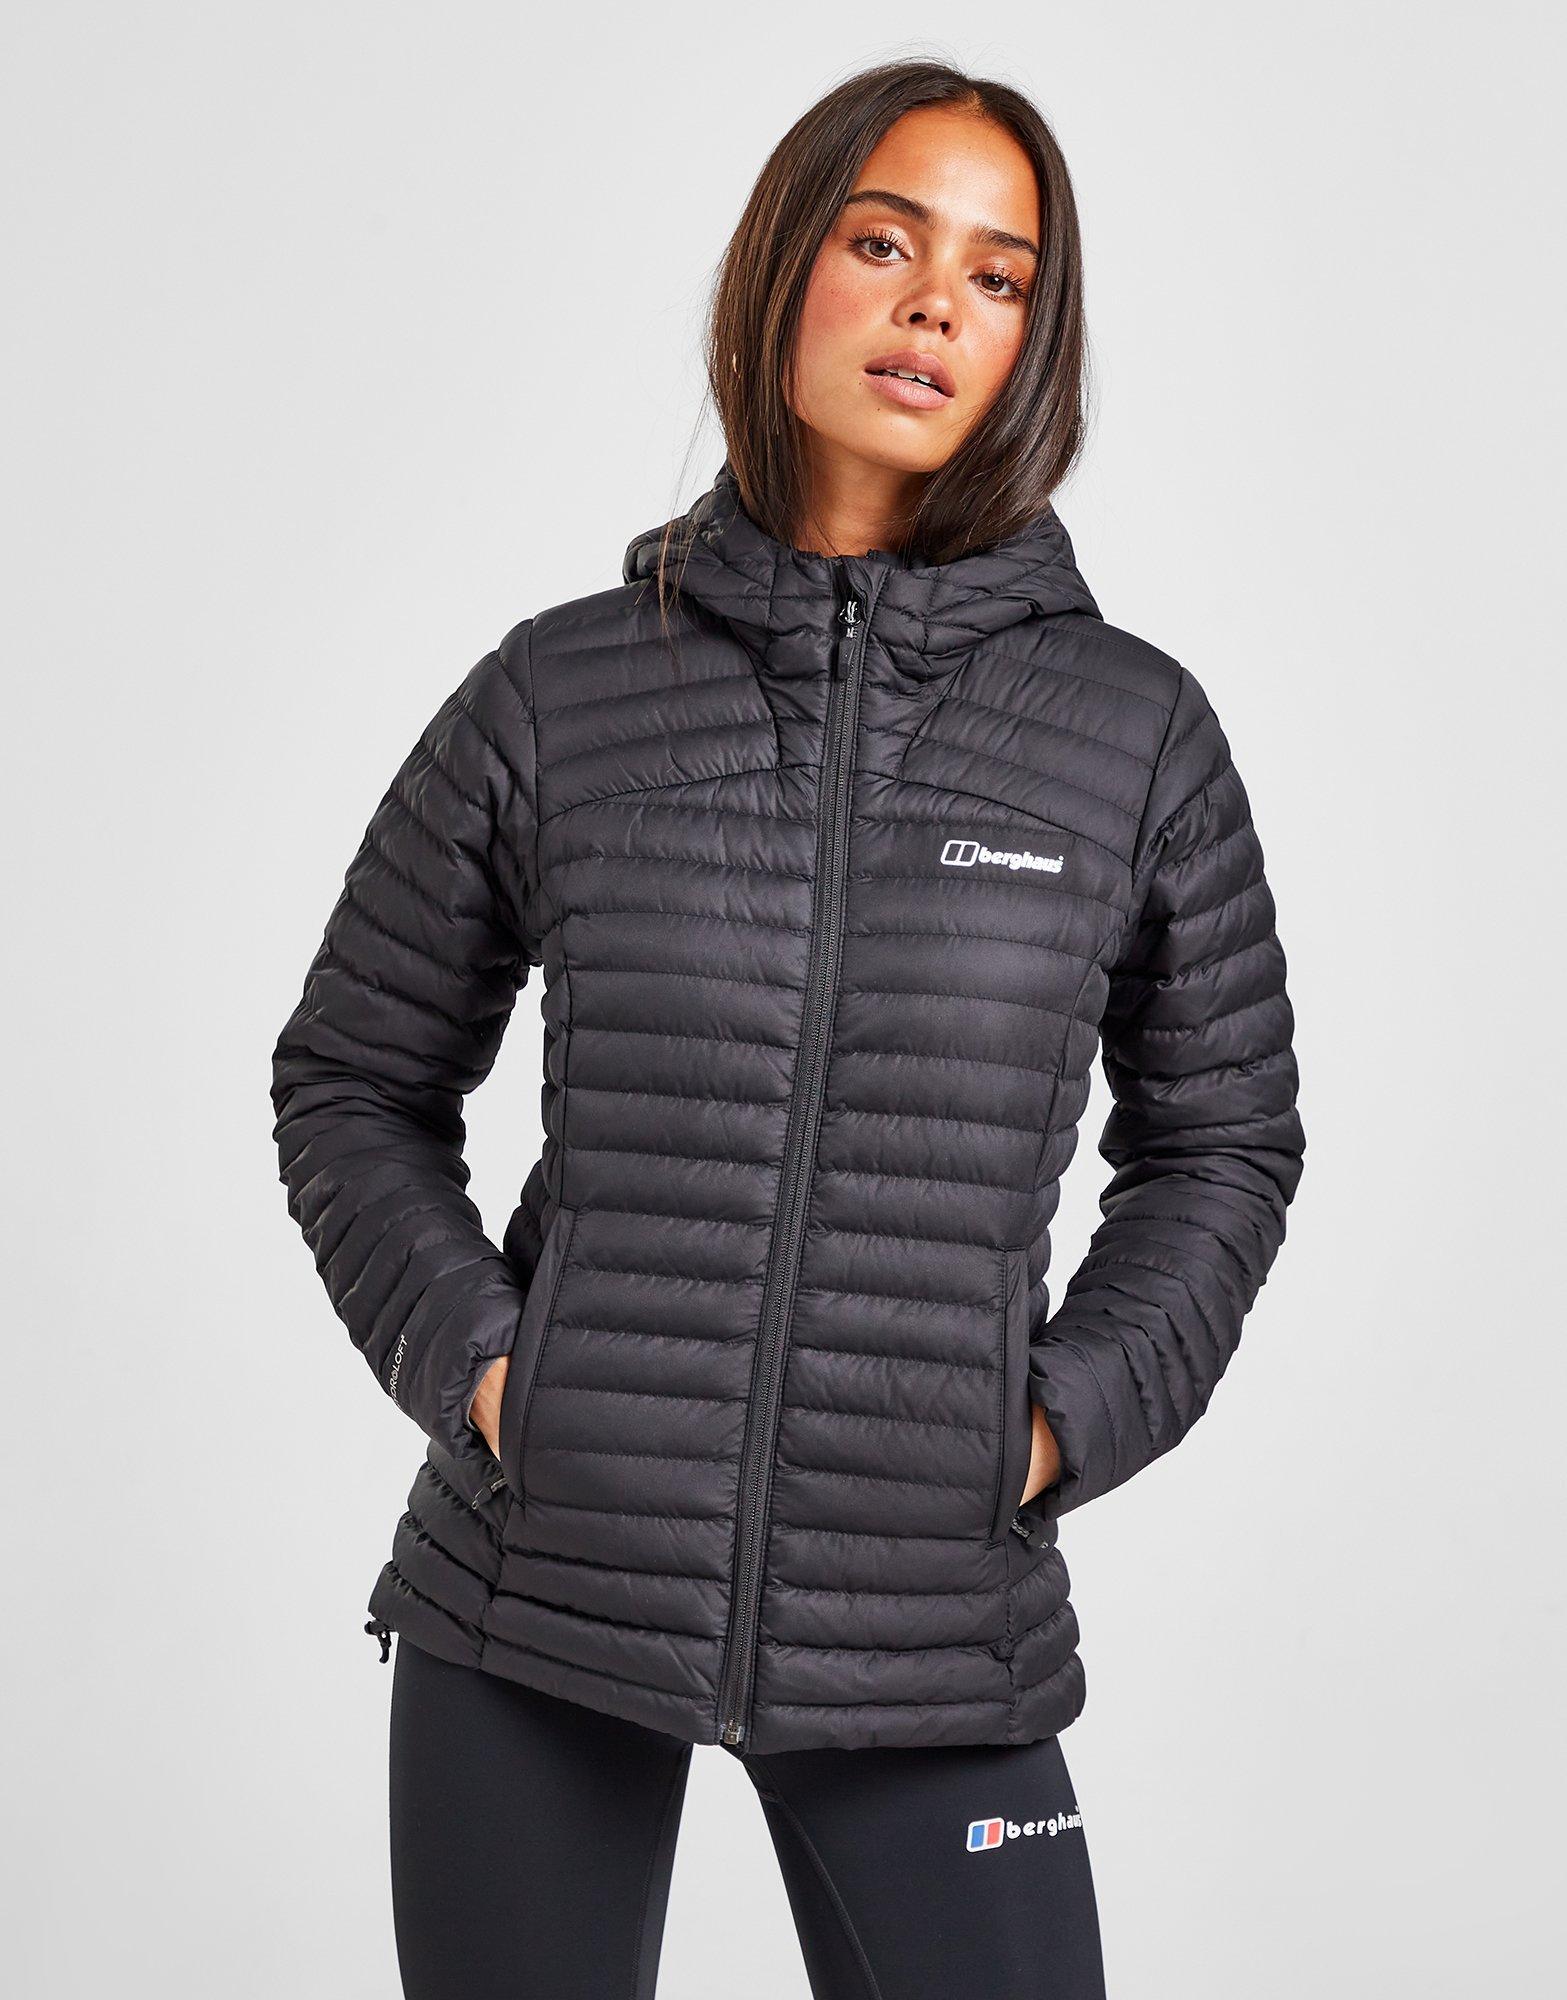 Osta Berghaus Nula kevyesti topattu takki Naiset Musta | JD